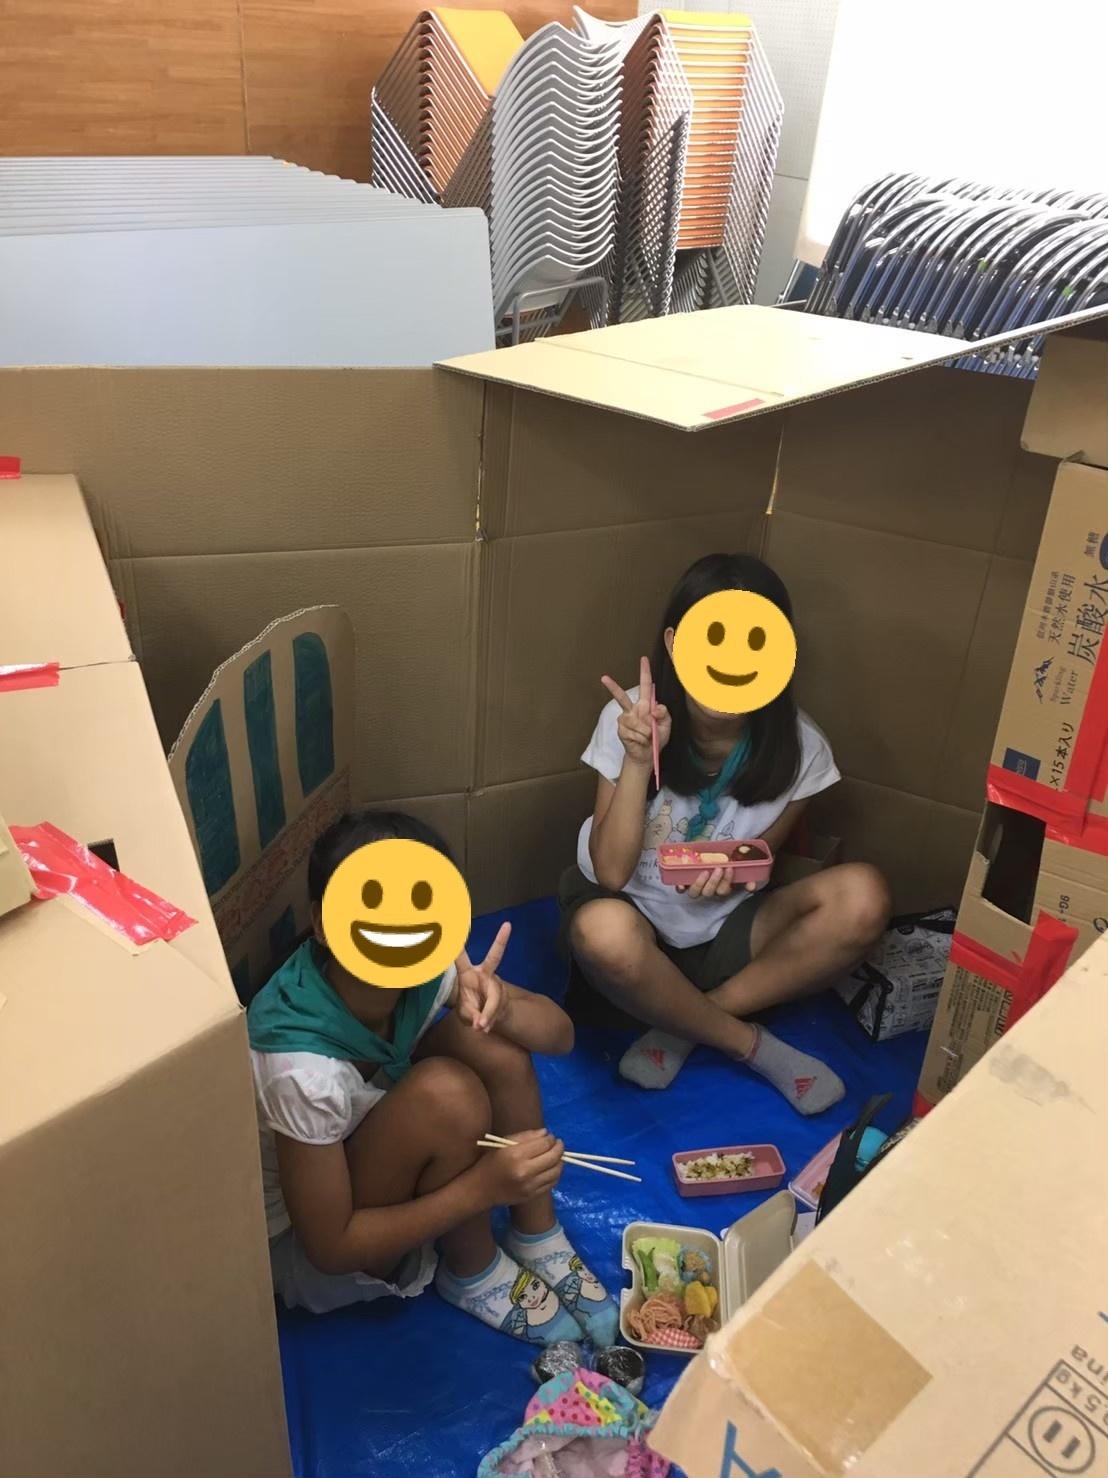 2019/9/8 ダンボールハウス作り_e0123469_20224075.jpeg